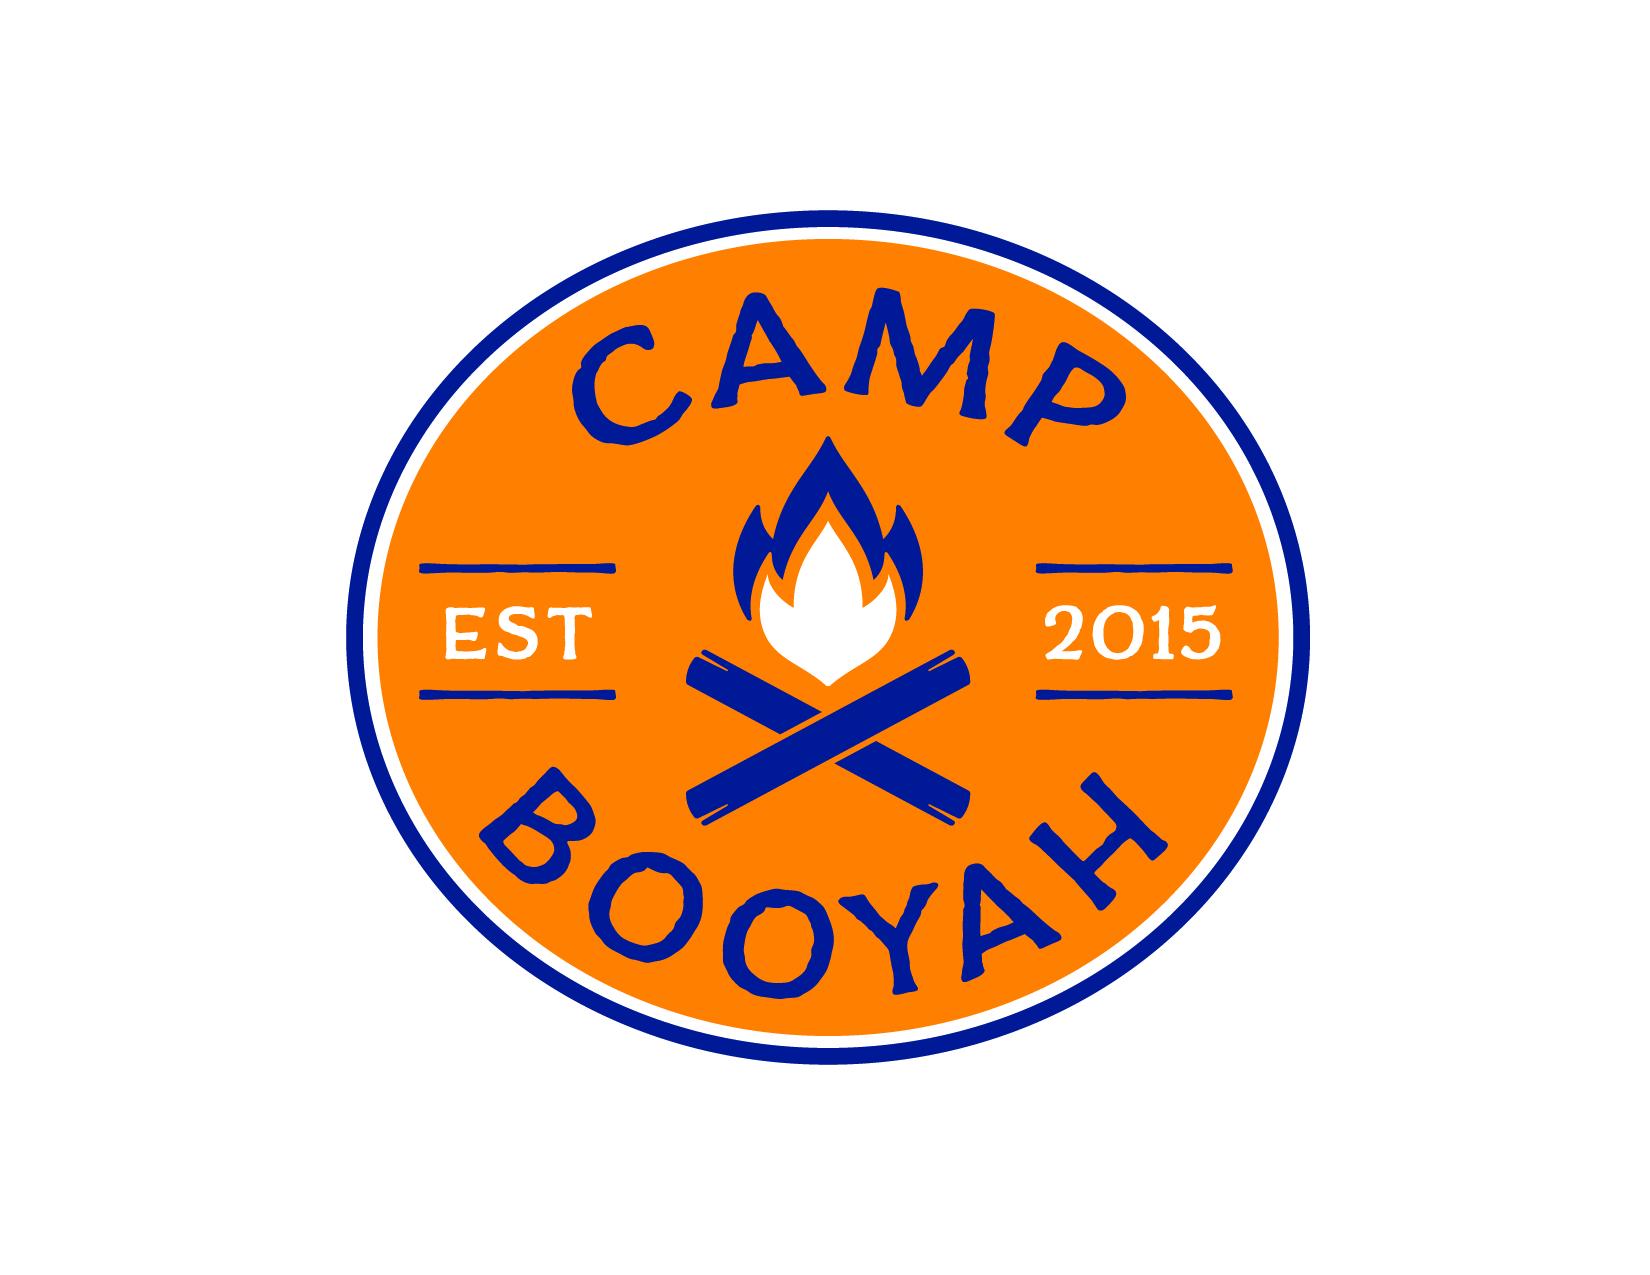 Camp booyah logos paths 04